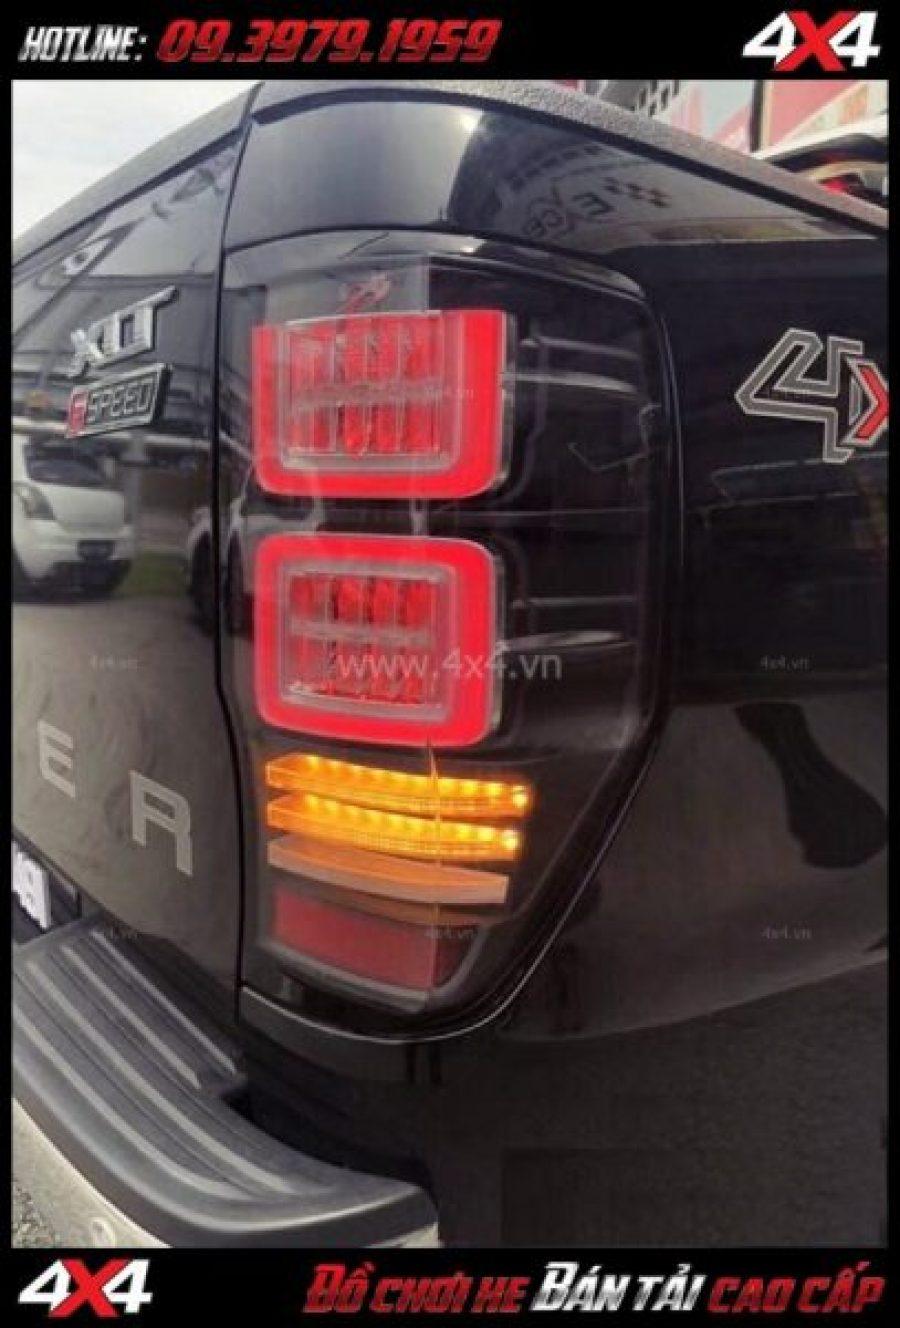 Tấm ảnh Cụm đèn hậu Ford Ranger 2019 2018 độ theo loại Ranger Rover 2018 2019 ở HCM